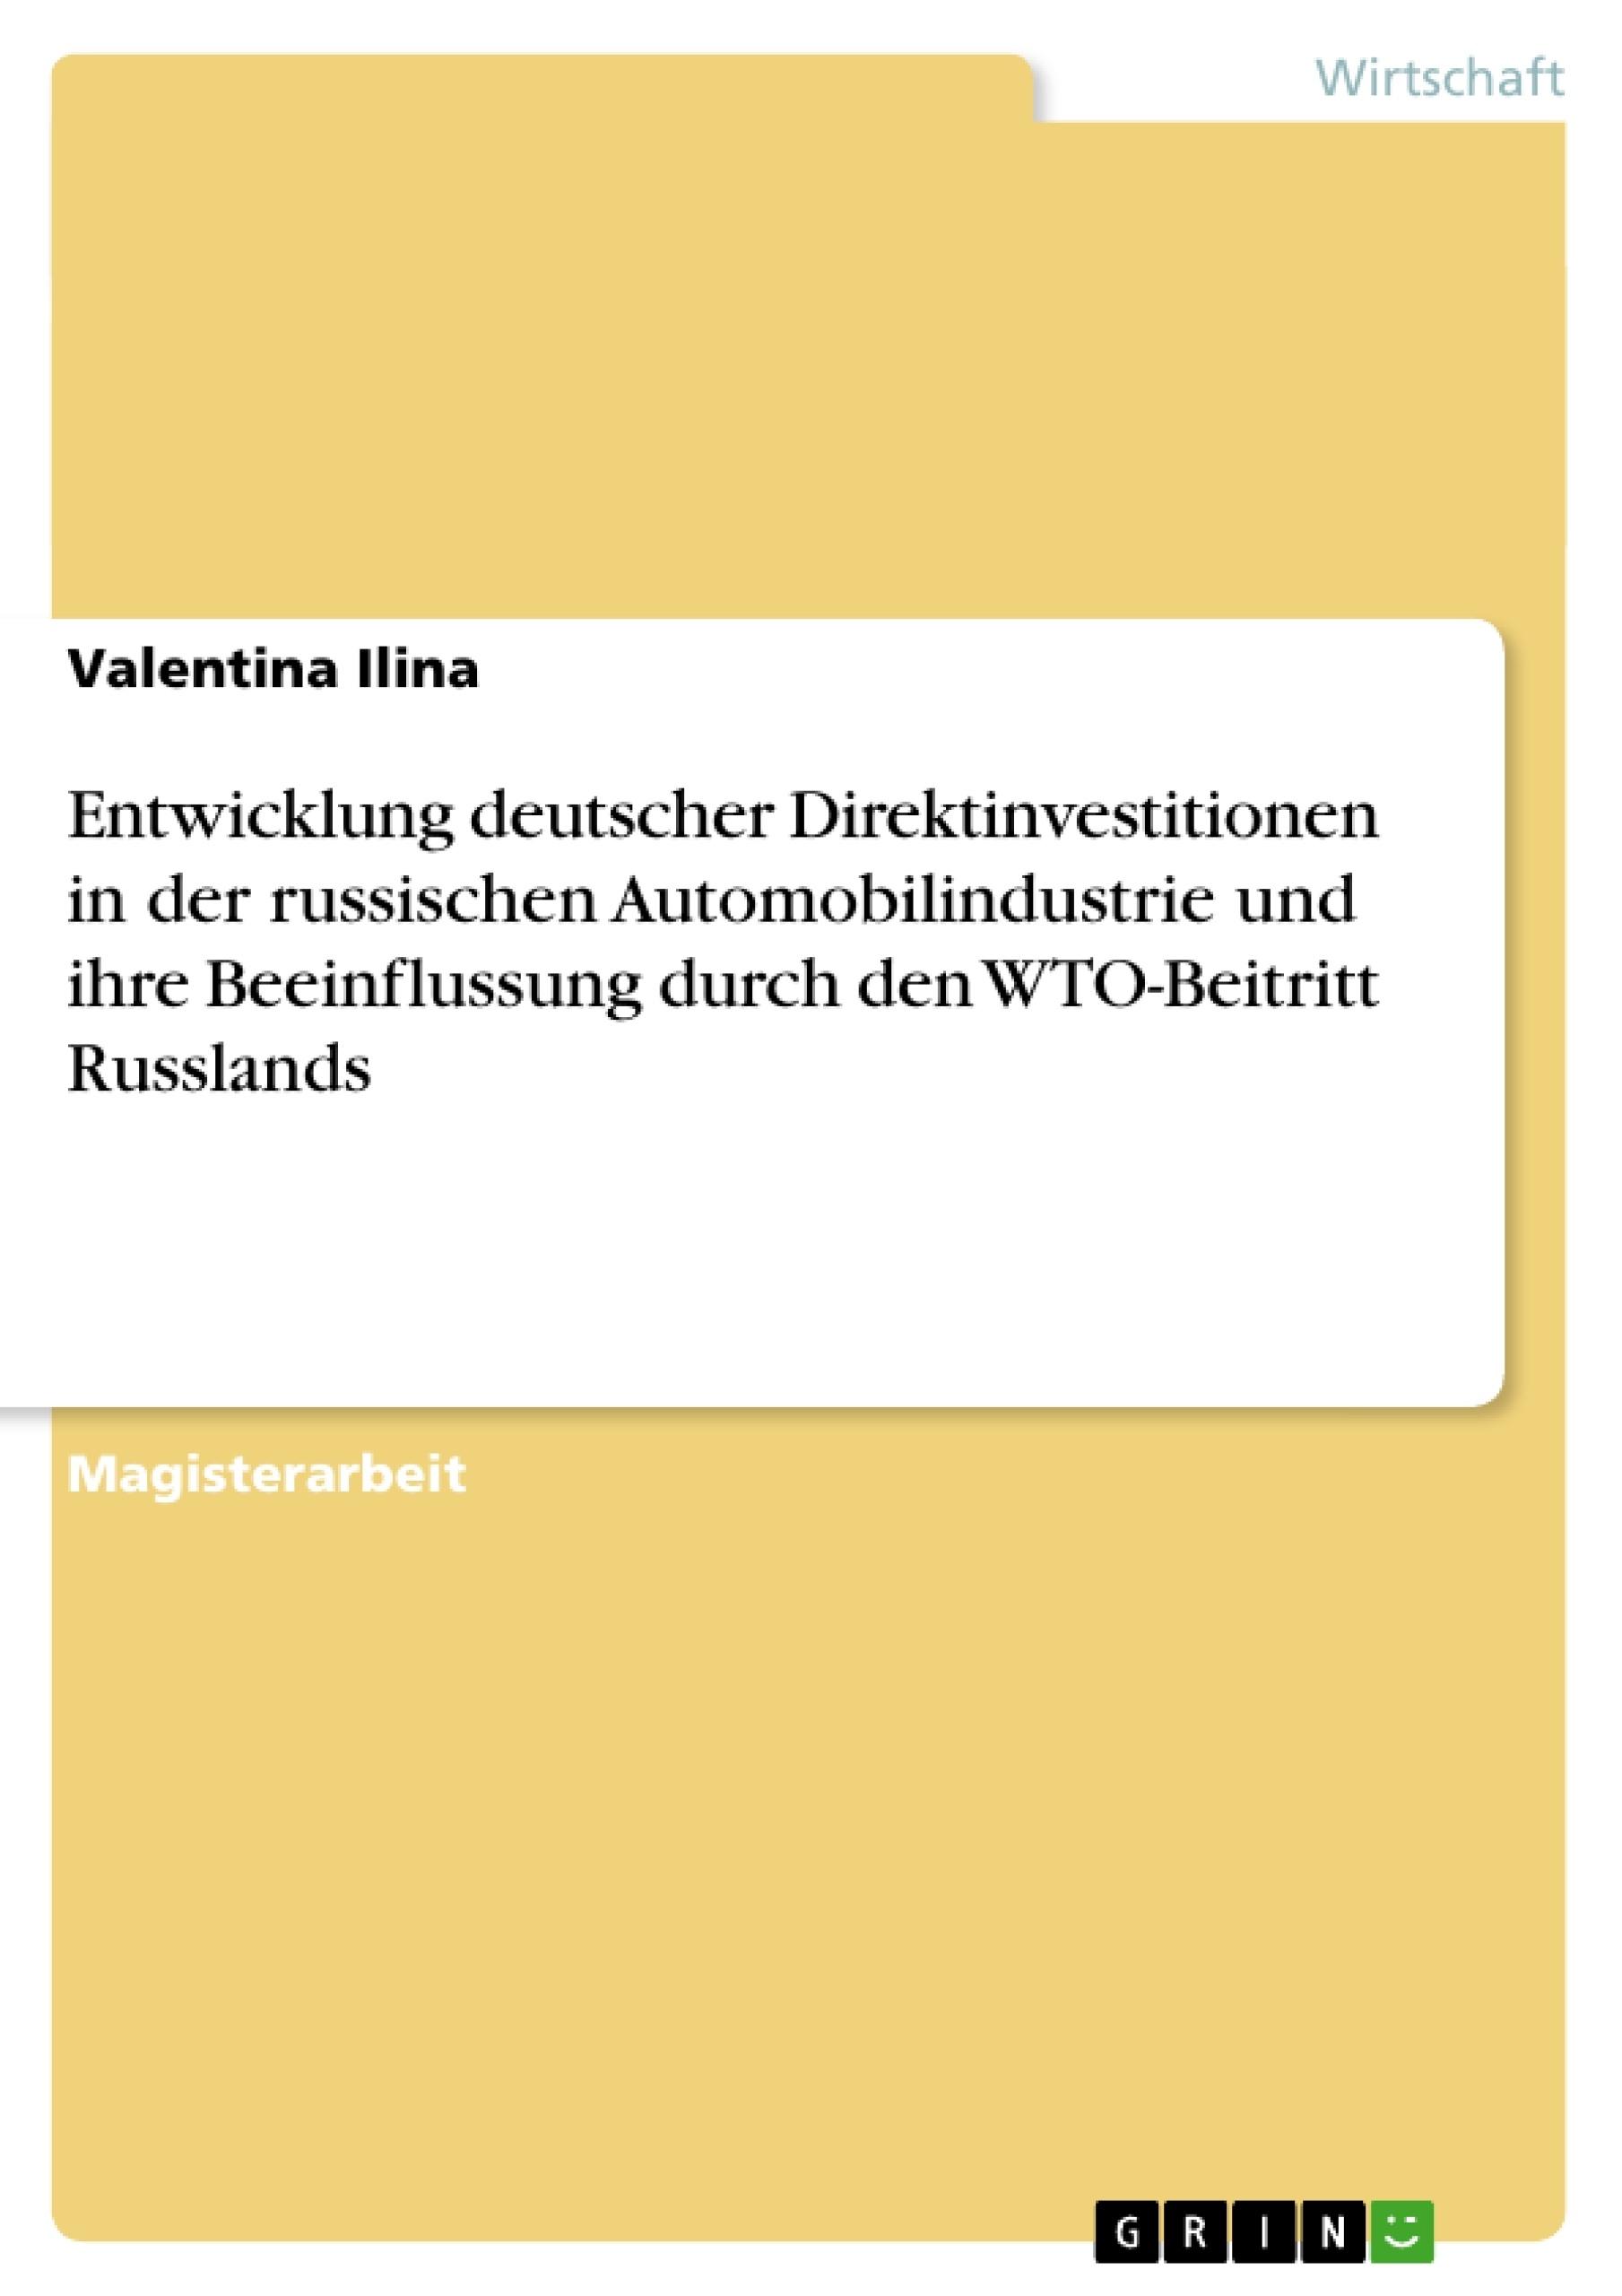 Titel: Entwicklung deutscher Direktinvestitionen in der russischen Automobilindustrie und ihre Beeinflussung durch den WTO-Beitritt Russlands